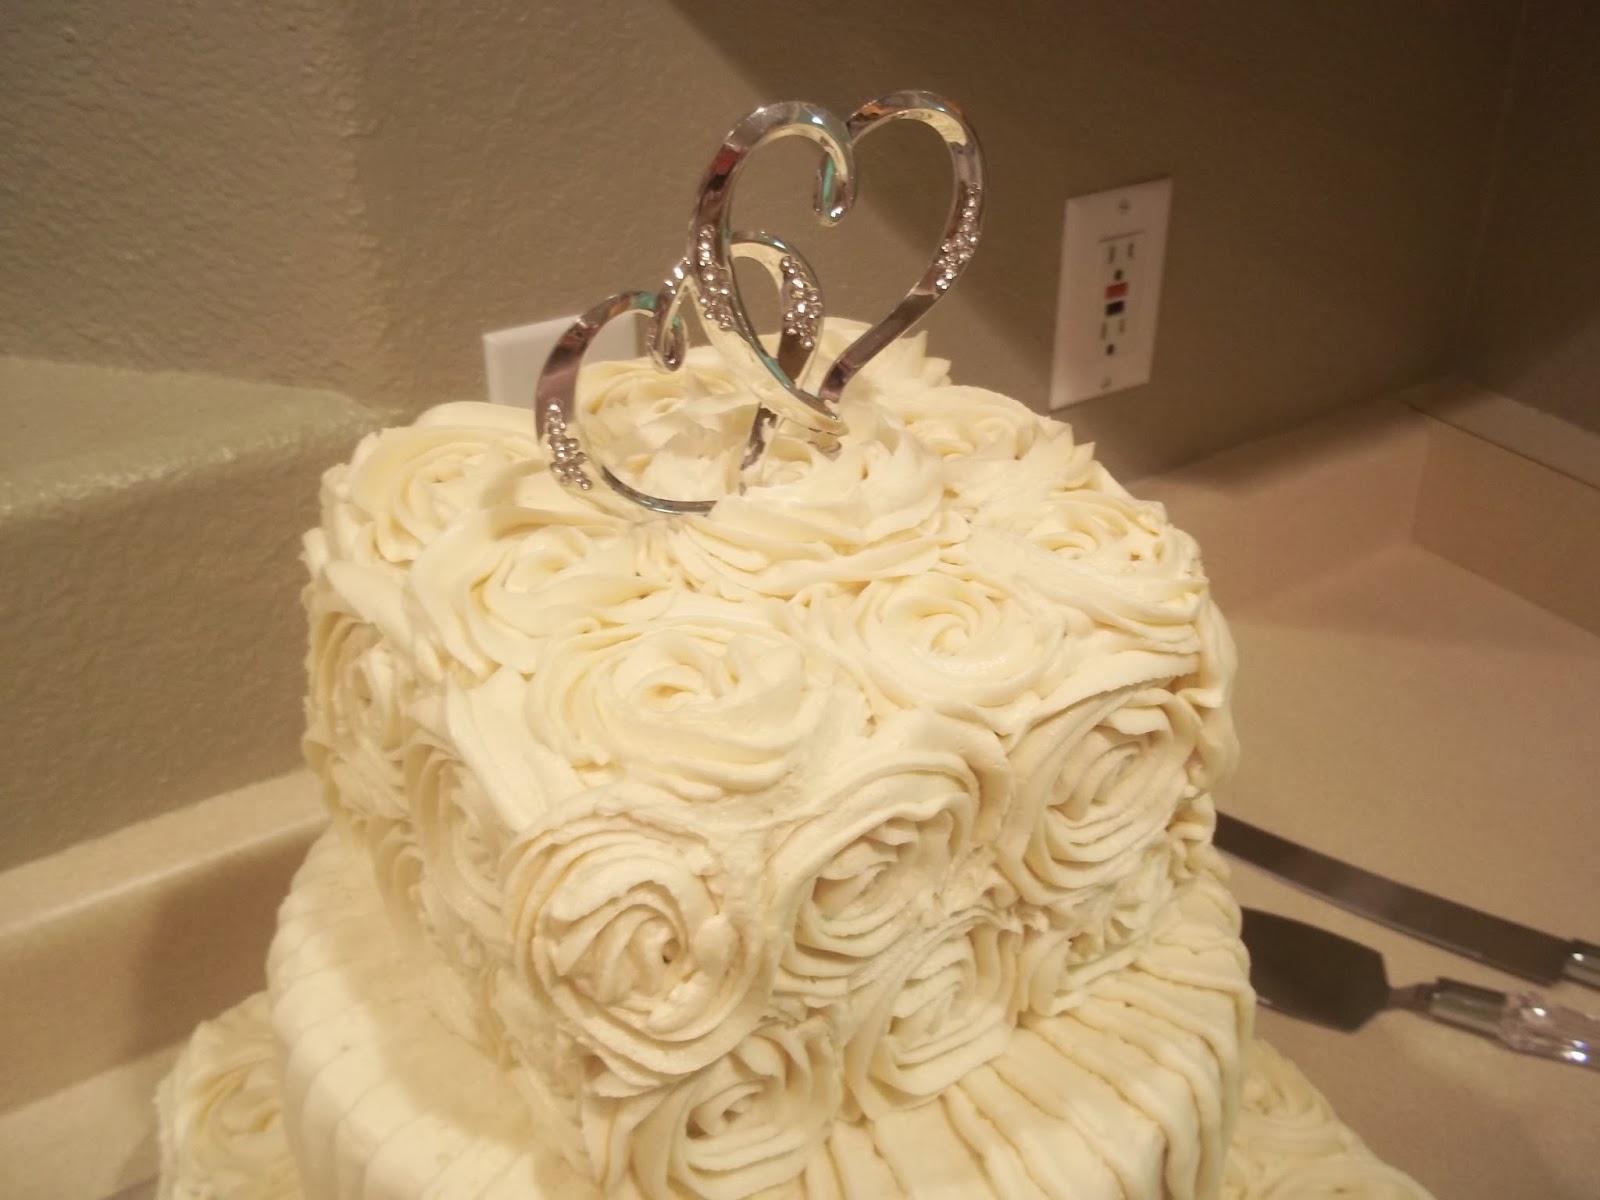 Cakes by Jenn: Rosette Wedding Cake